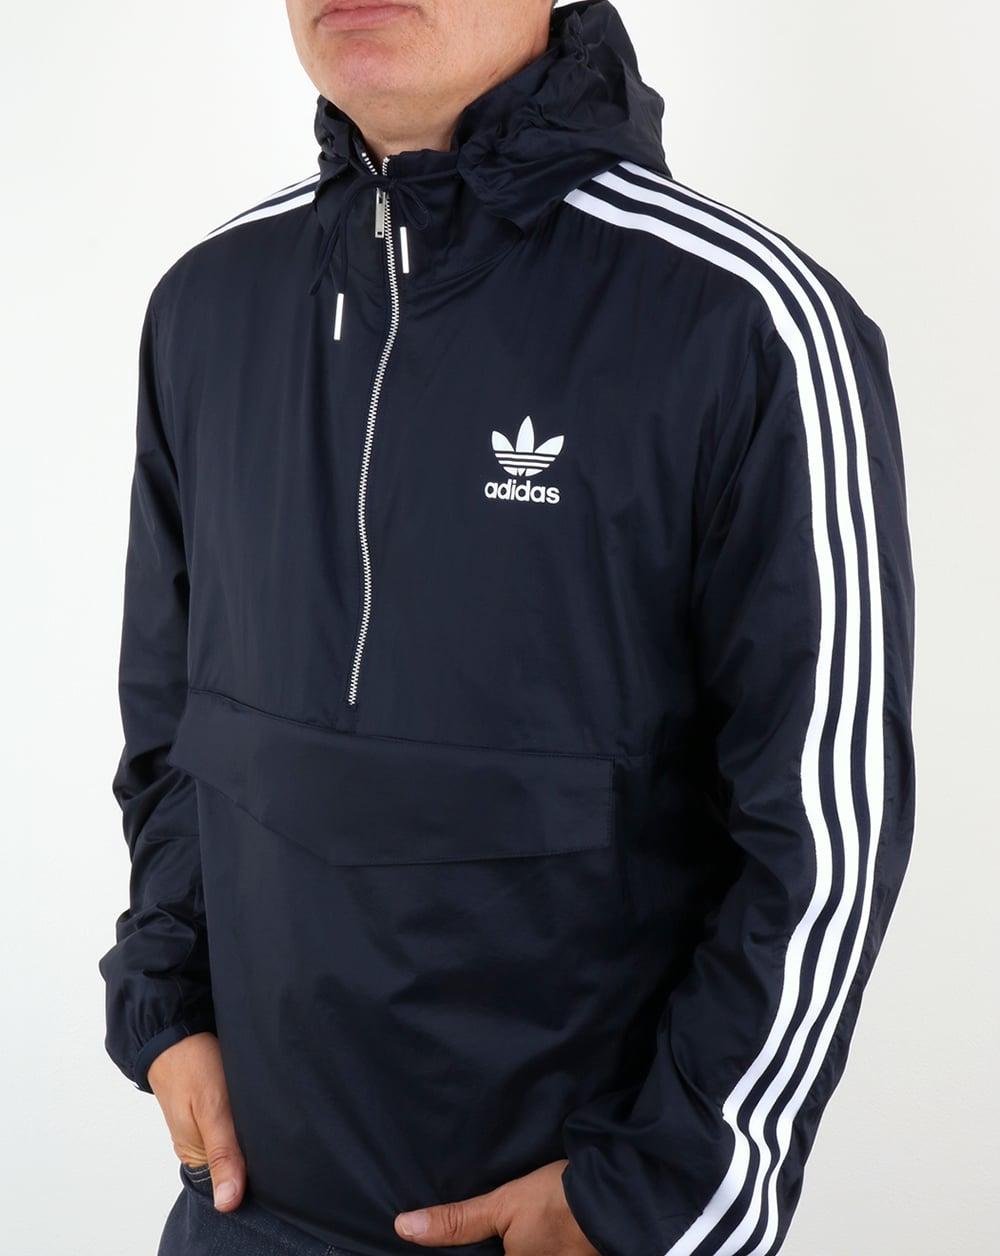 Adidas Originals Mdn Windbreaker Navy Jacket Lightweight Mens